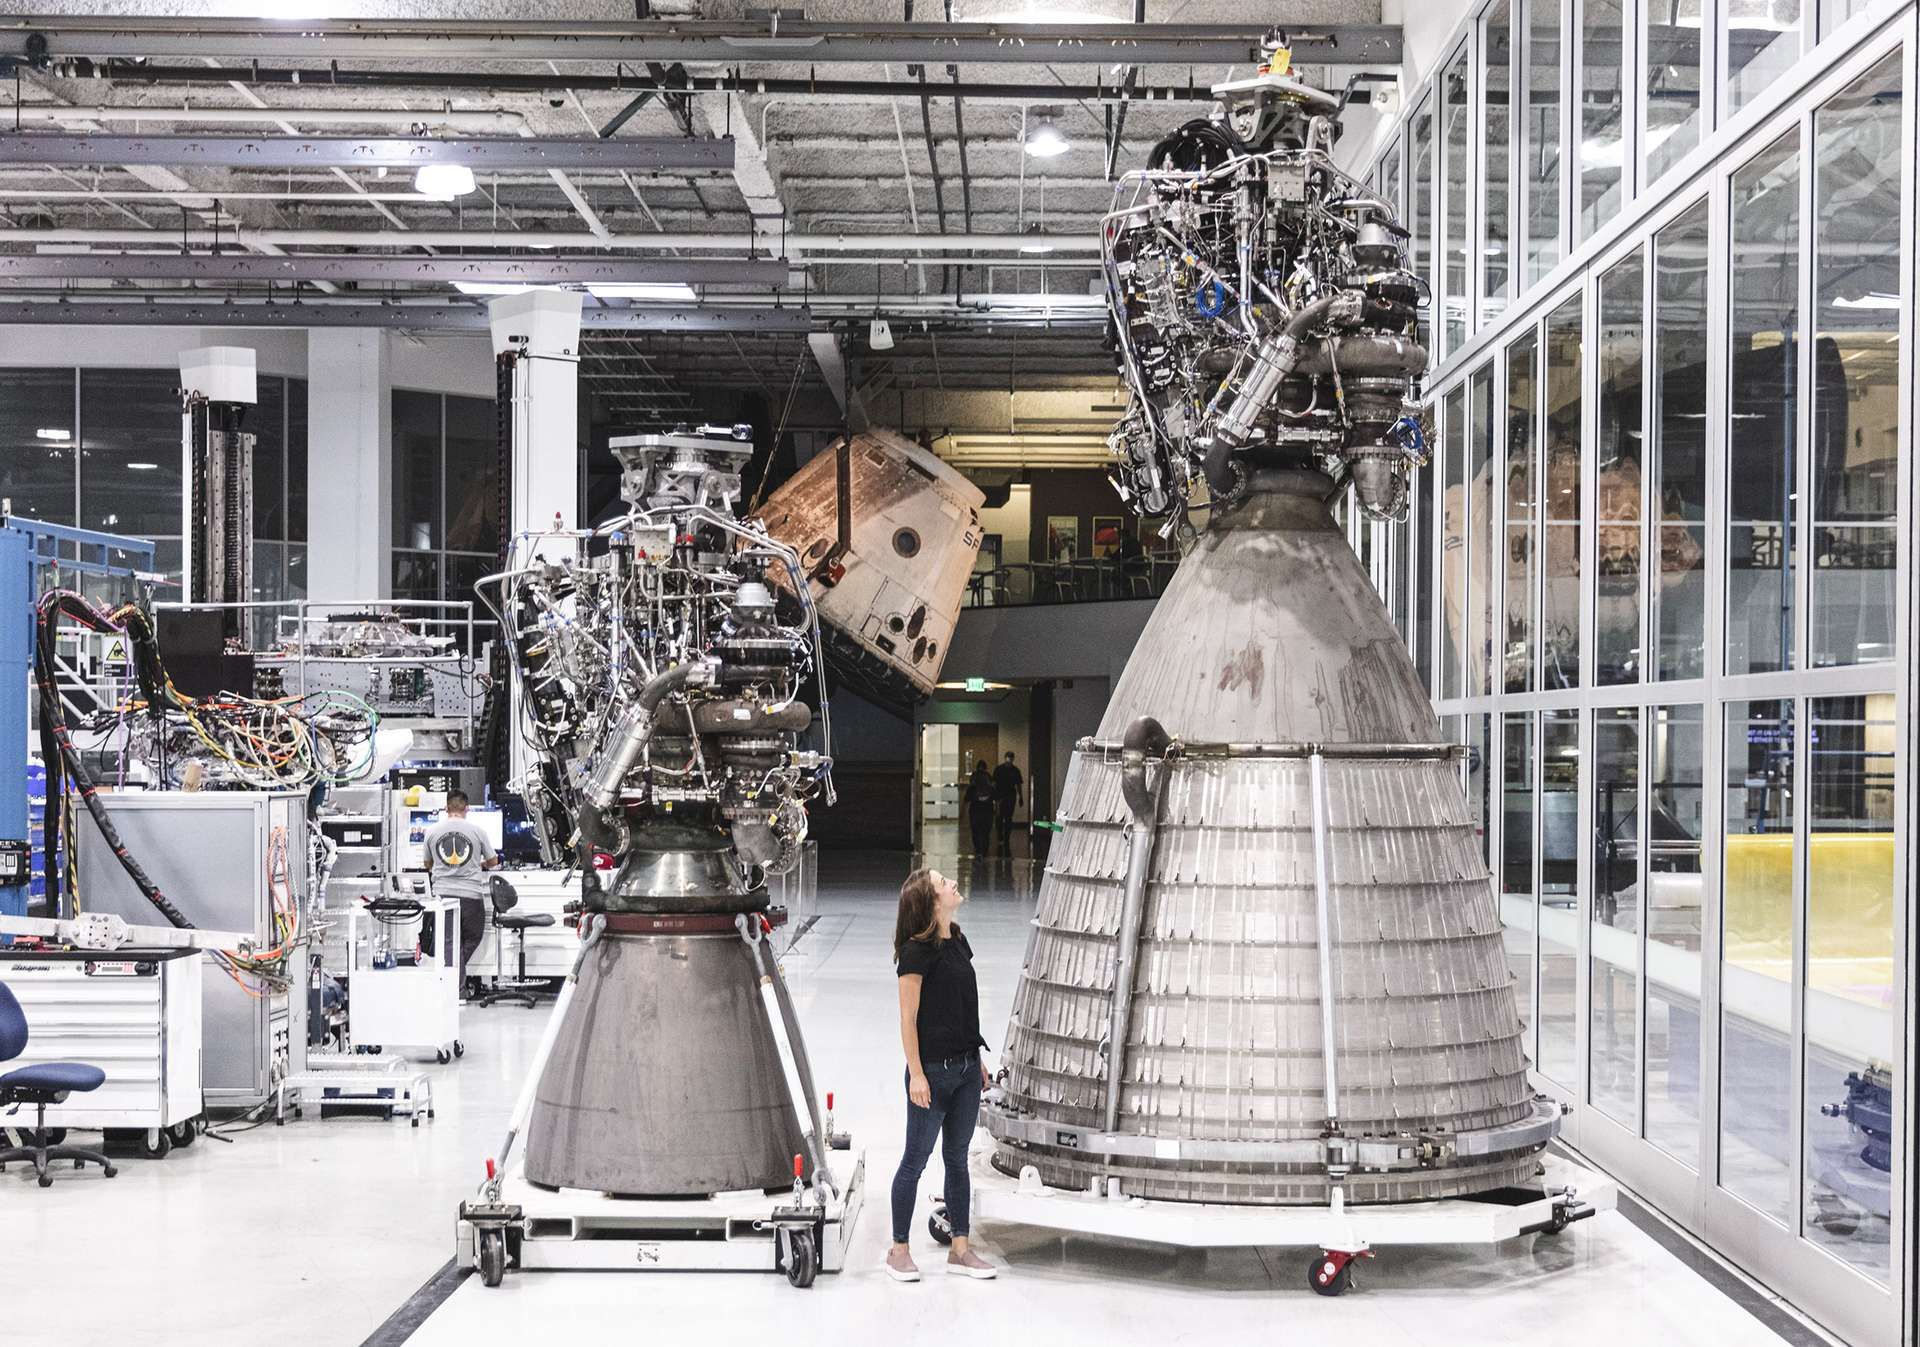 Étonnamment, il s'agit de deux moteurs Raptor identiques qui seront utilisés sur le Starship. Seule la tuyère diffère. À gauche, un Raptor de base, à droite le Raptor utilisé pour l'étage supérieur. © SpaceX